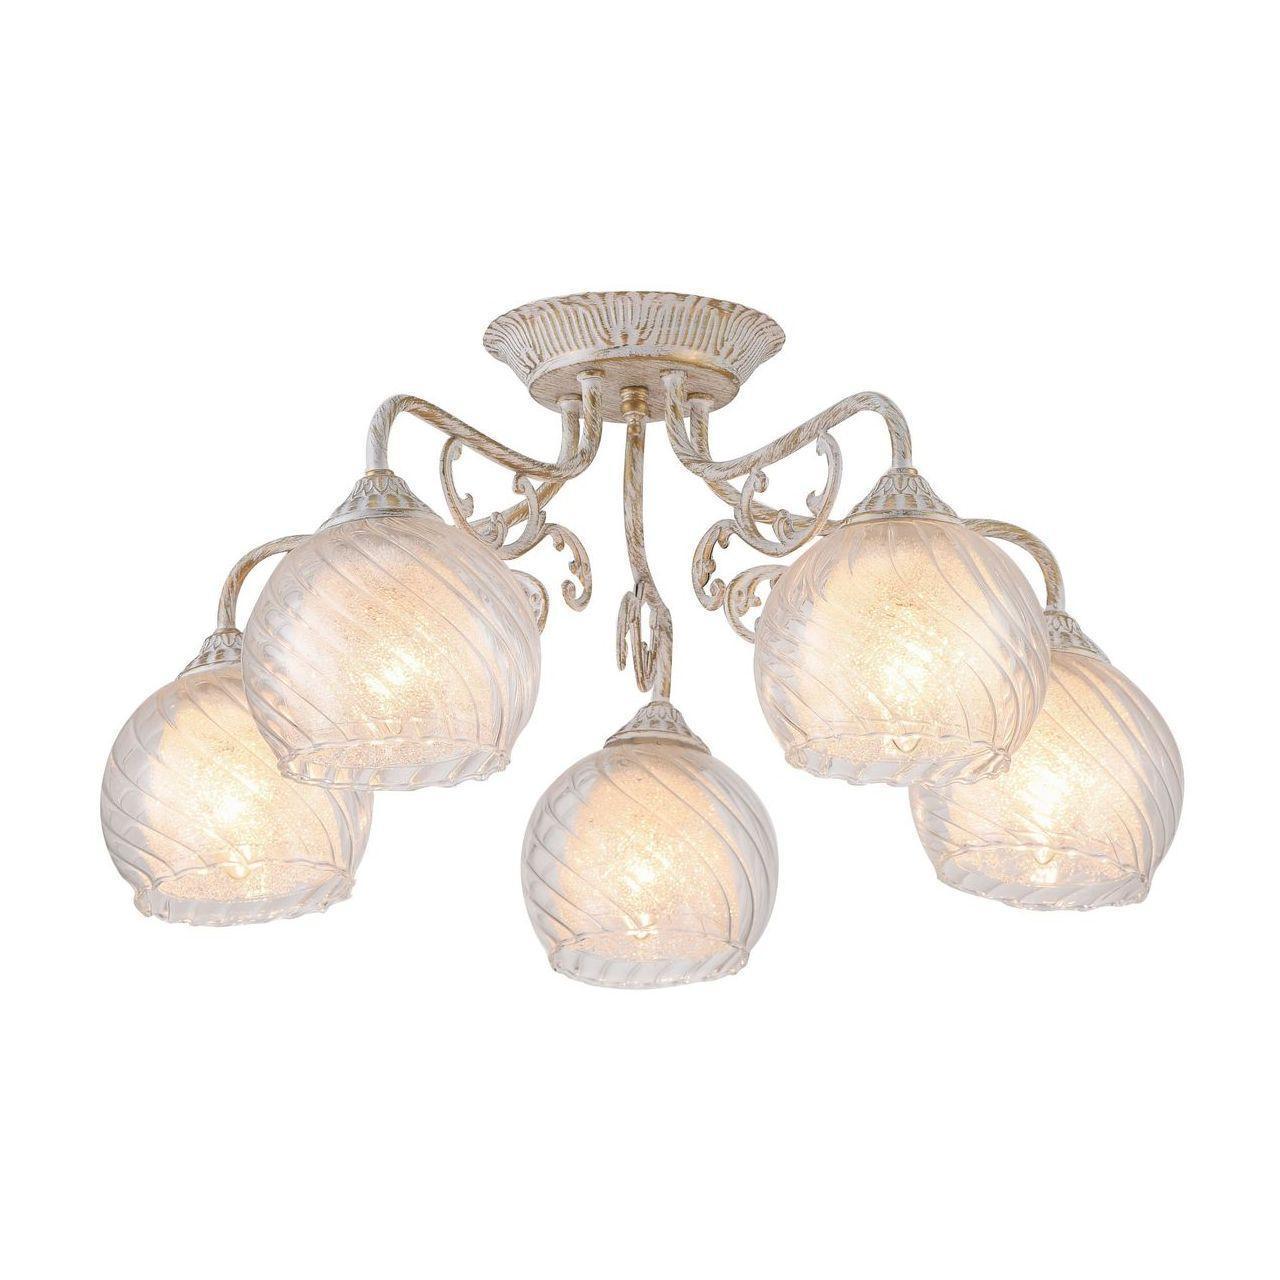 купить Люстра Arte Lamp A7062PL-5WG потолочная по цене 7950 рублей